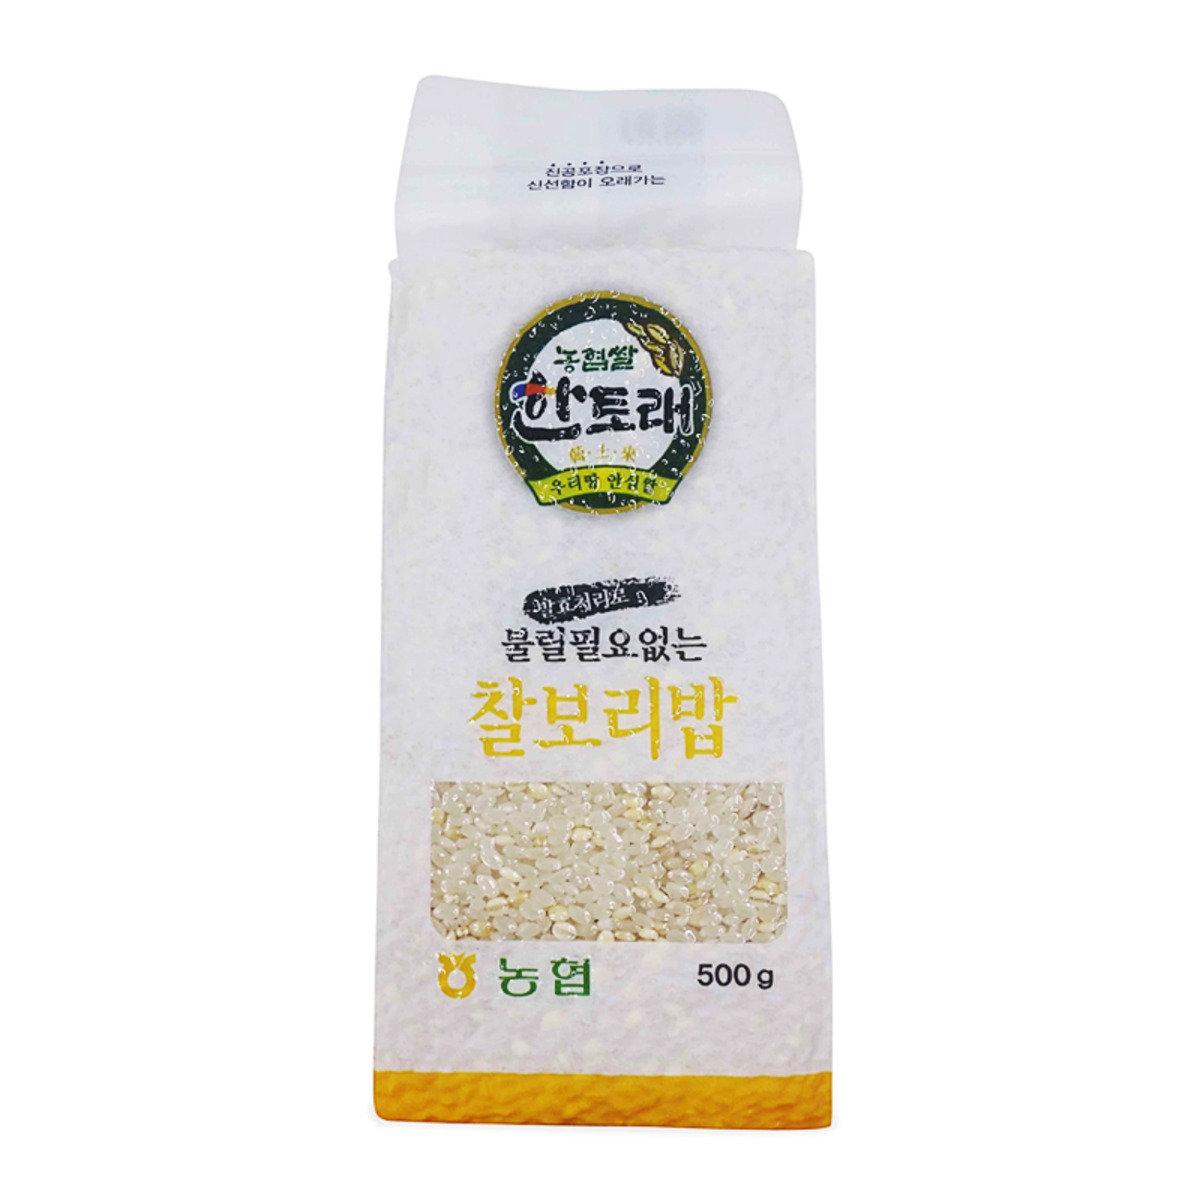 韓土來米混合發酵大麥 500克